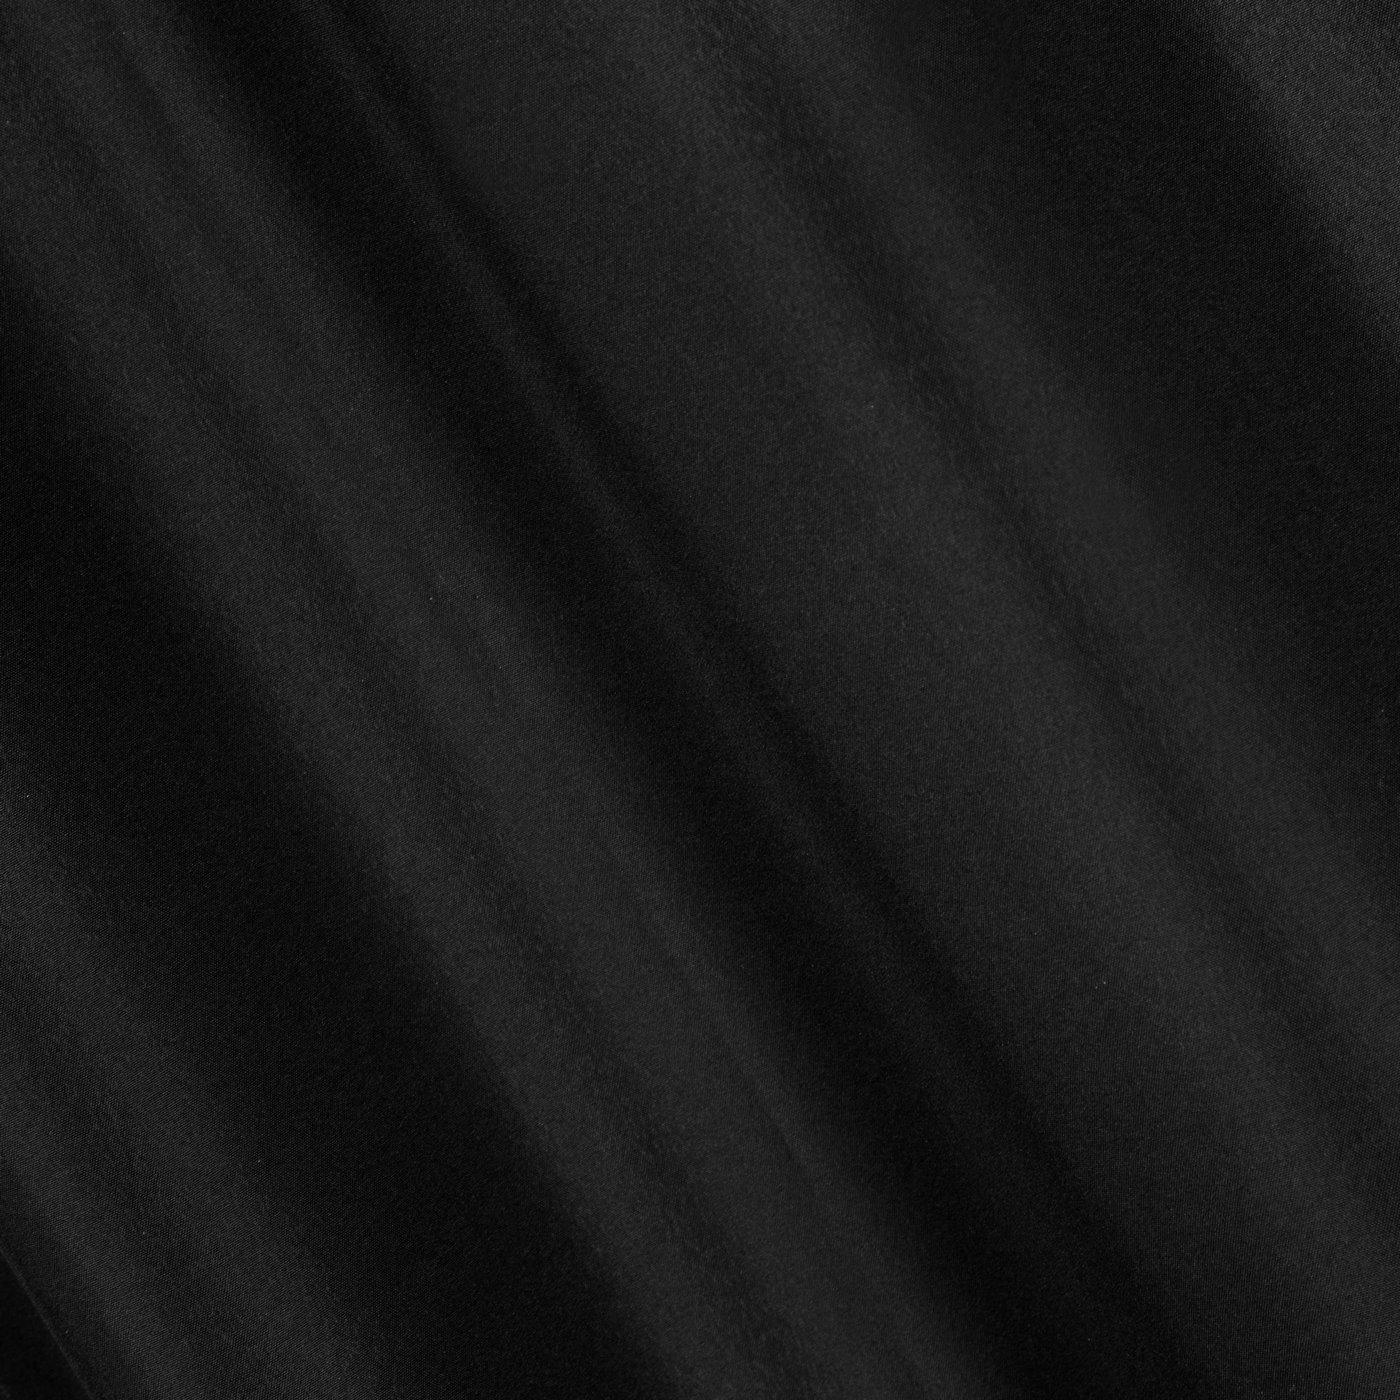 Czarna gładka zasłona z matowej satyny 140x250 przelotki